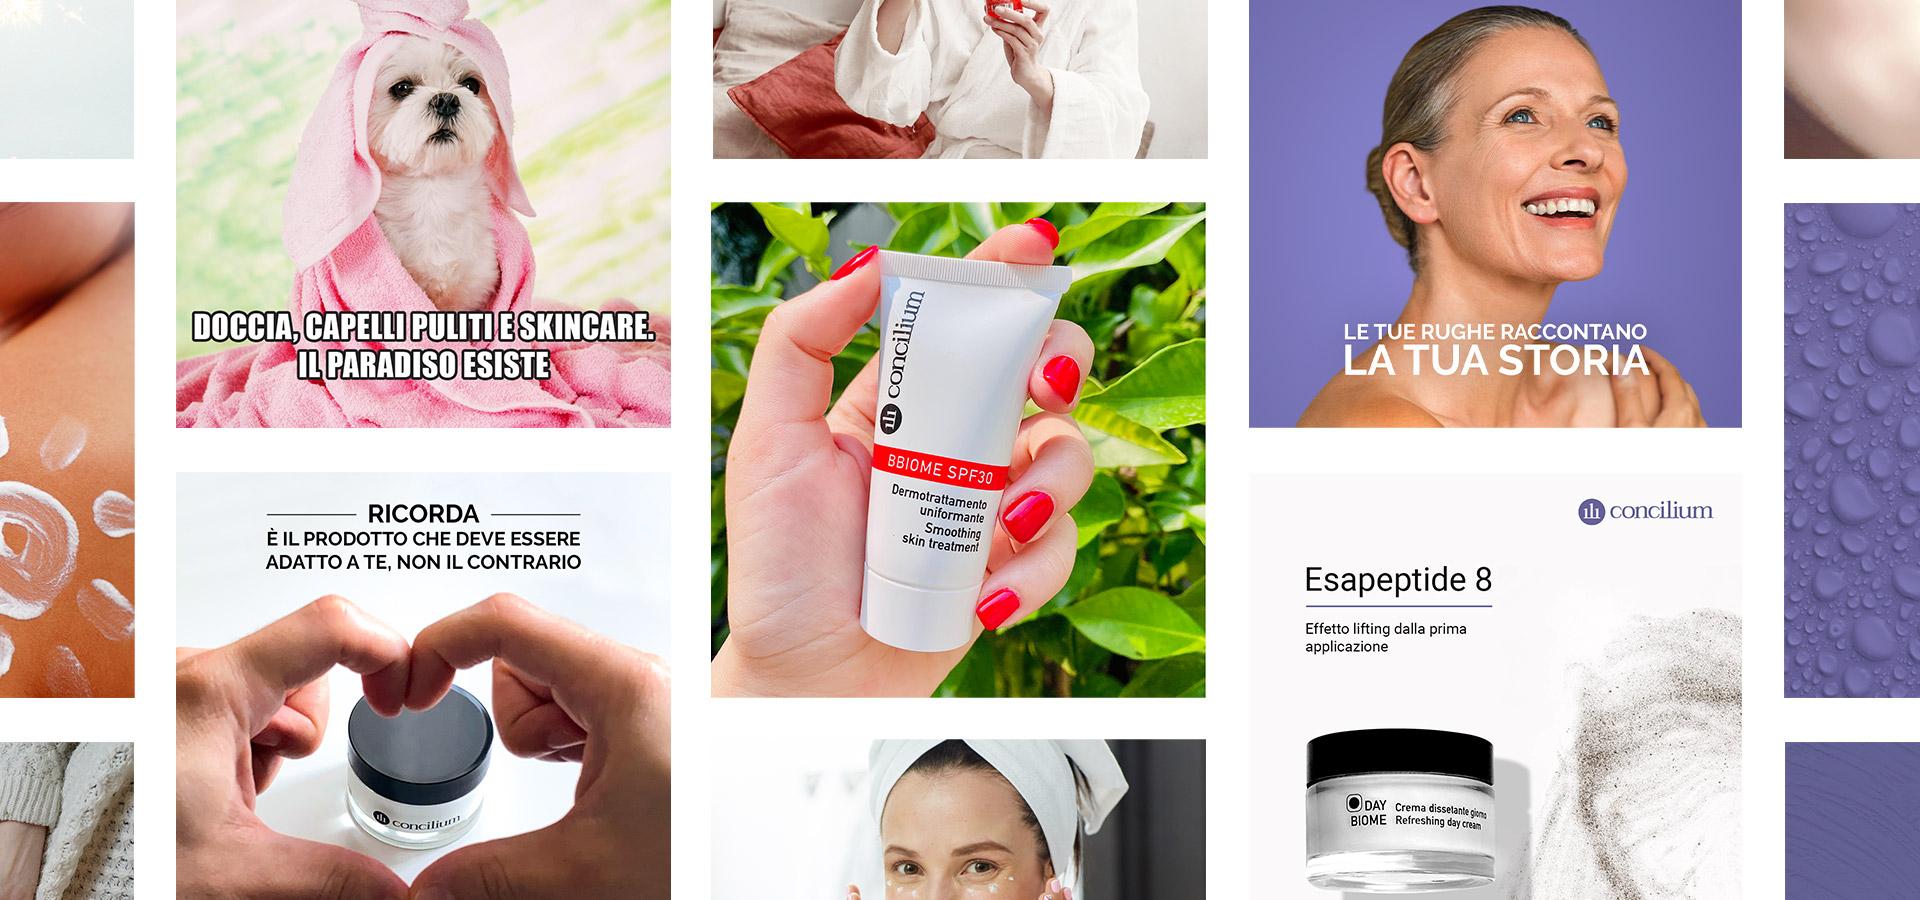 concilium_cosmetics_instagram_post